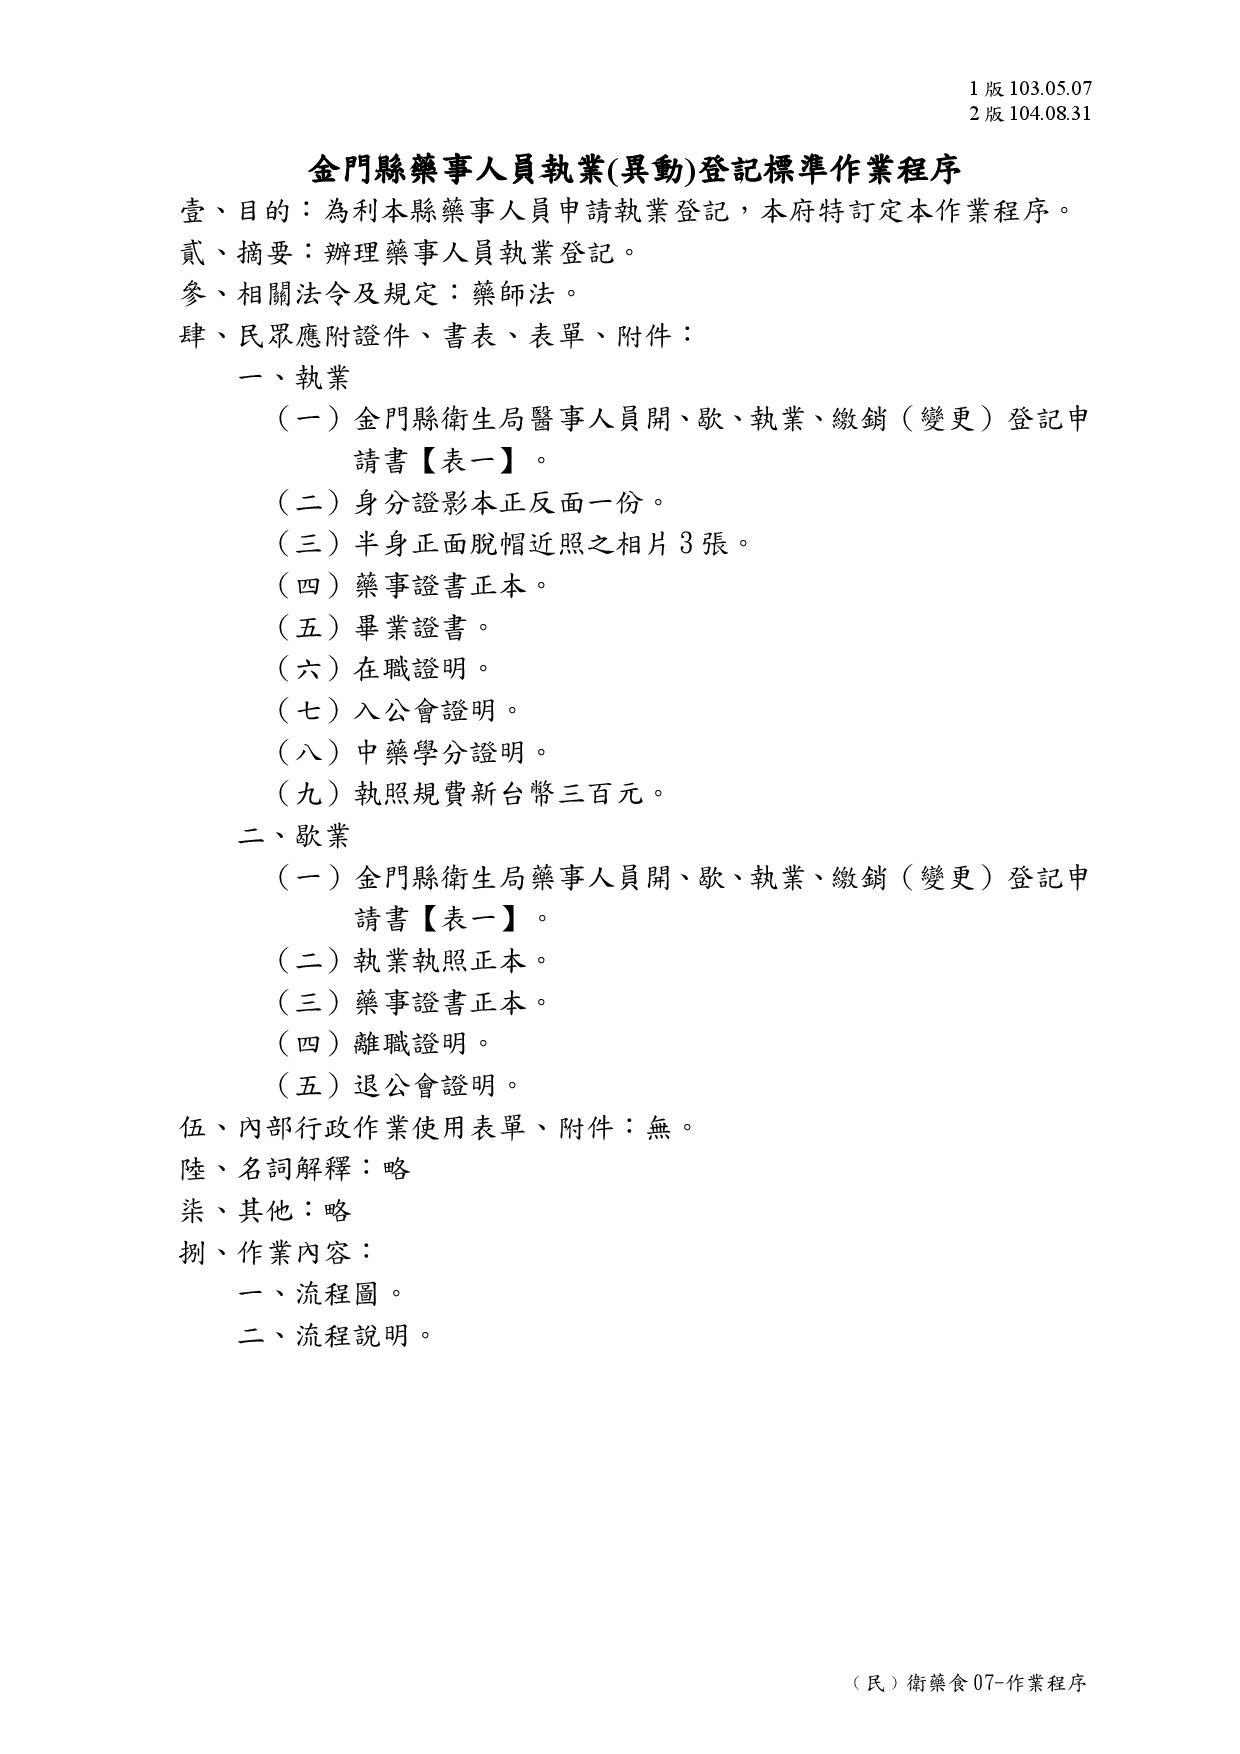 (民)衛藥食07-作業程序